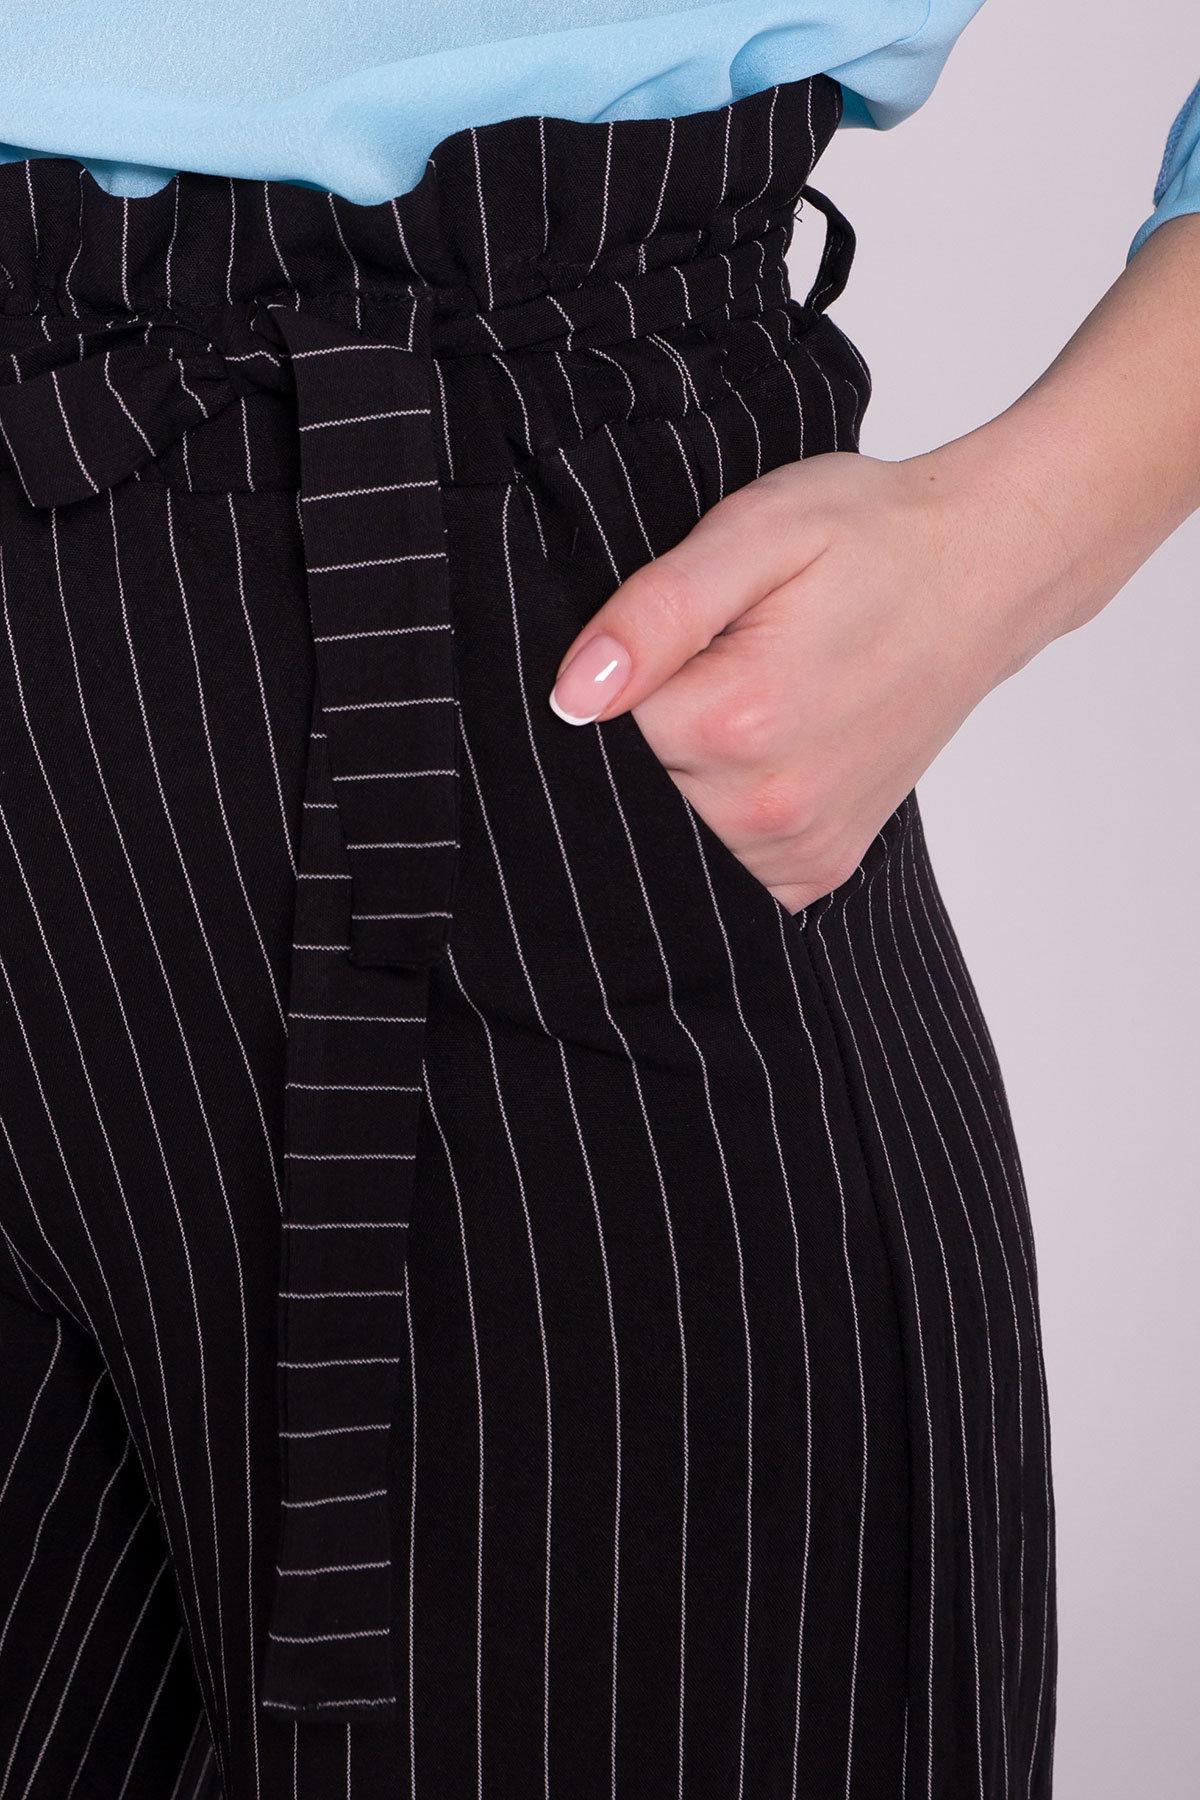 Брюки в полоску Ким 7106 АРТ. 42433 Цвет: Черный/Молоко - фото 5, интернет магазин tm-modus.ru